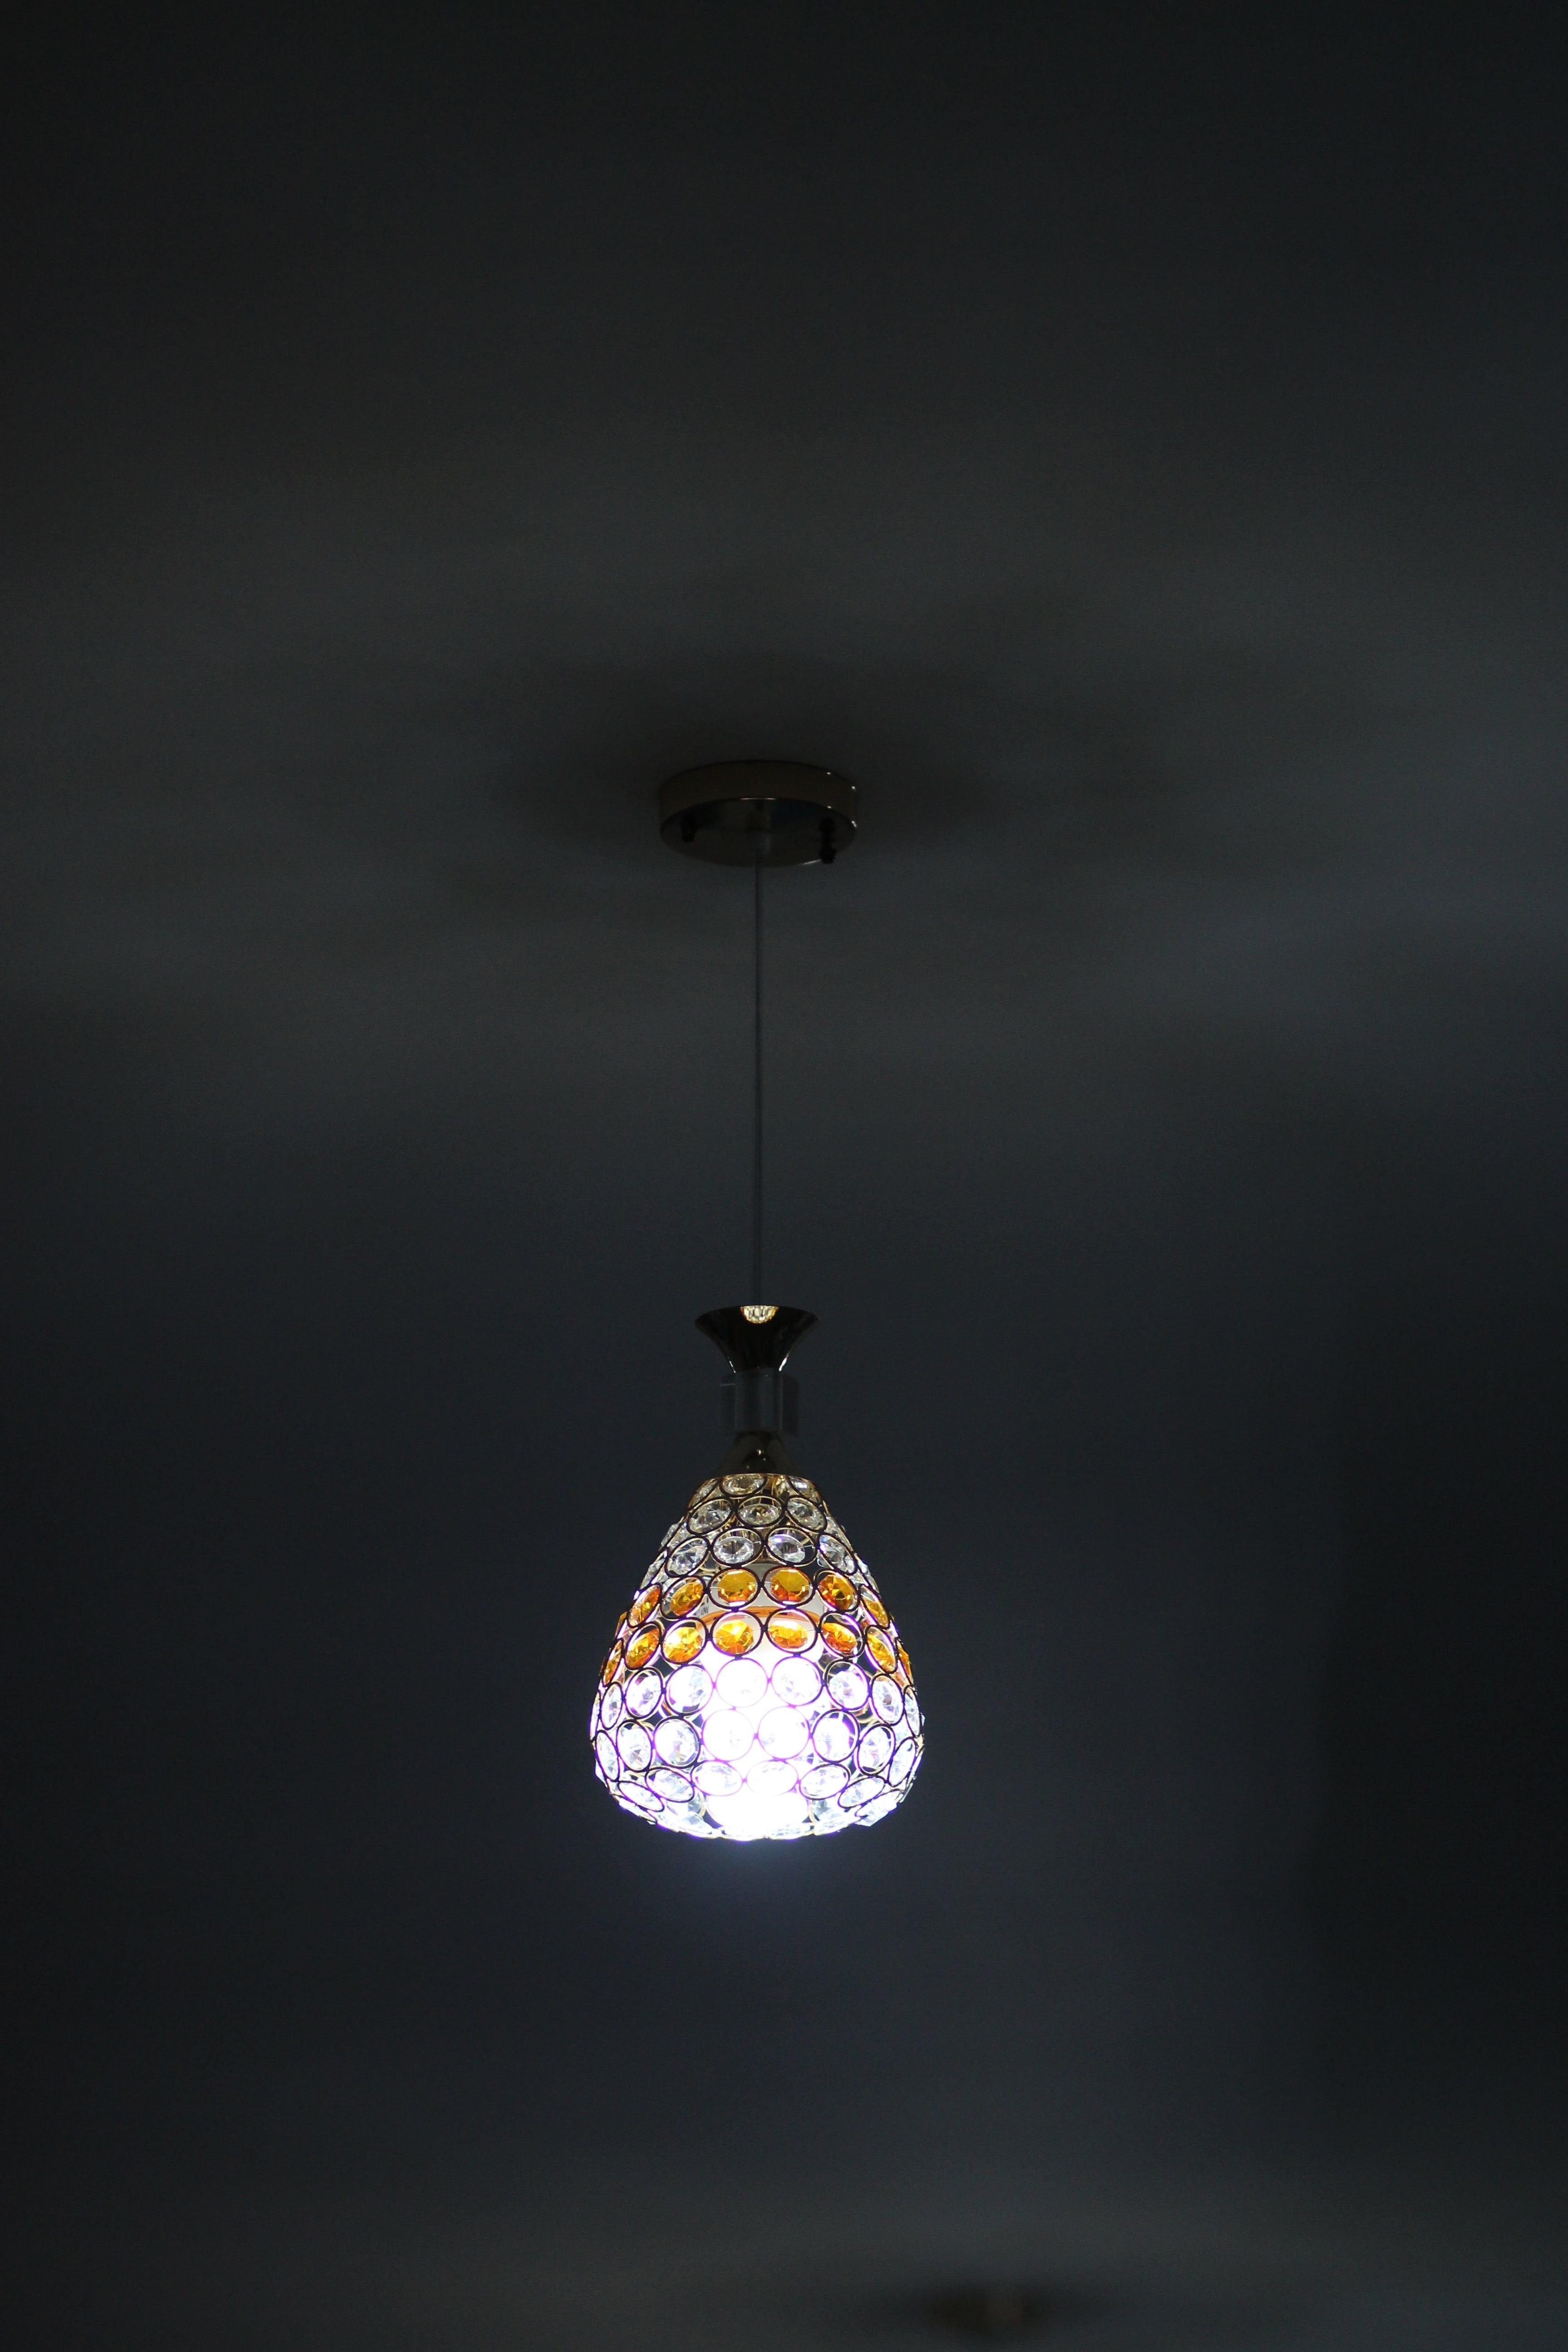 Darmowe zdjęcie z galerii z ciemny, elektryczność, energia, jasny